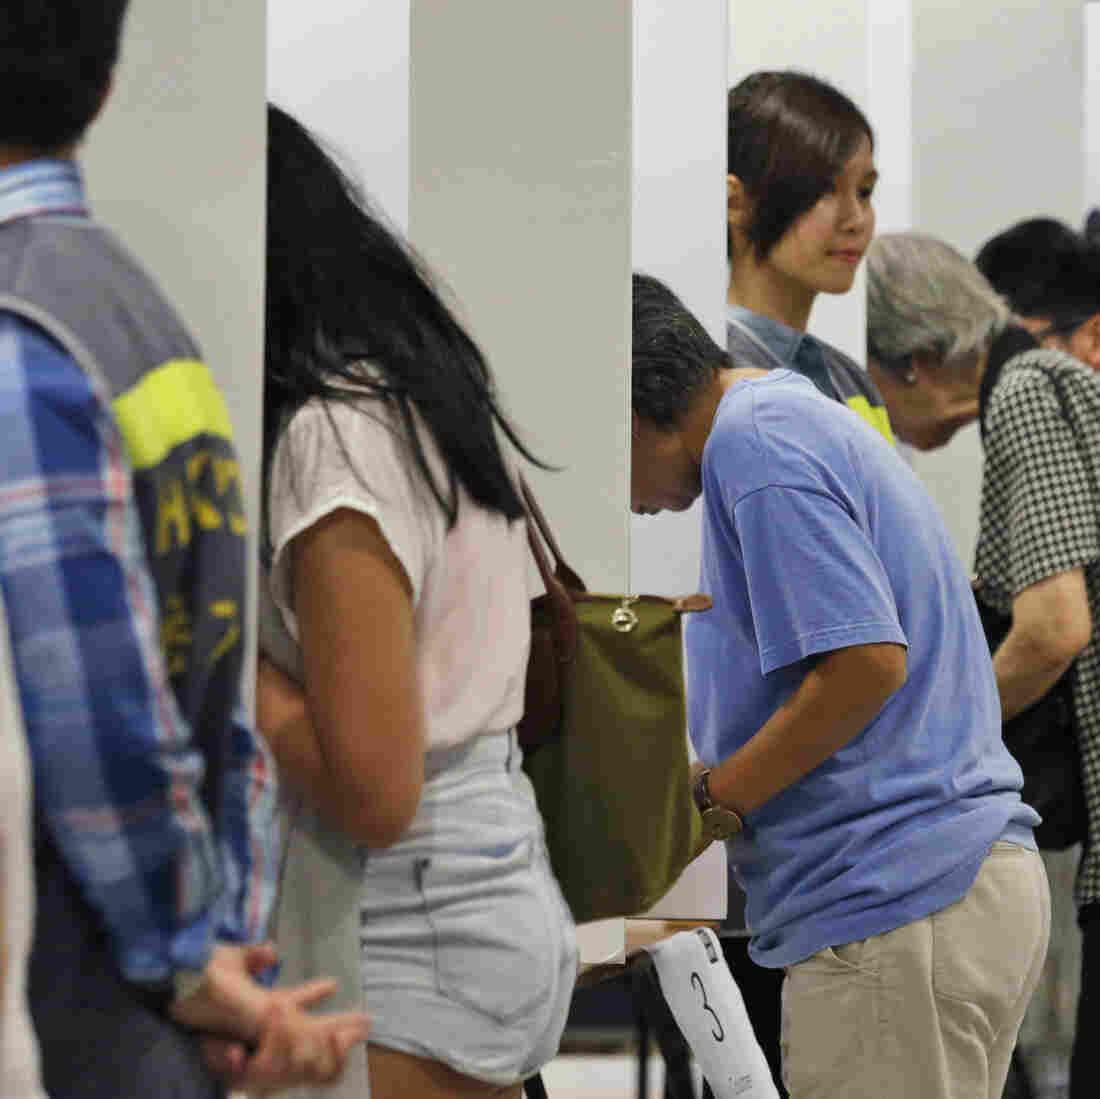 Beijing: Hong Kong Democracy Referendum 'An Illegal Farce'